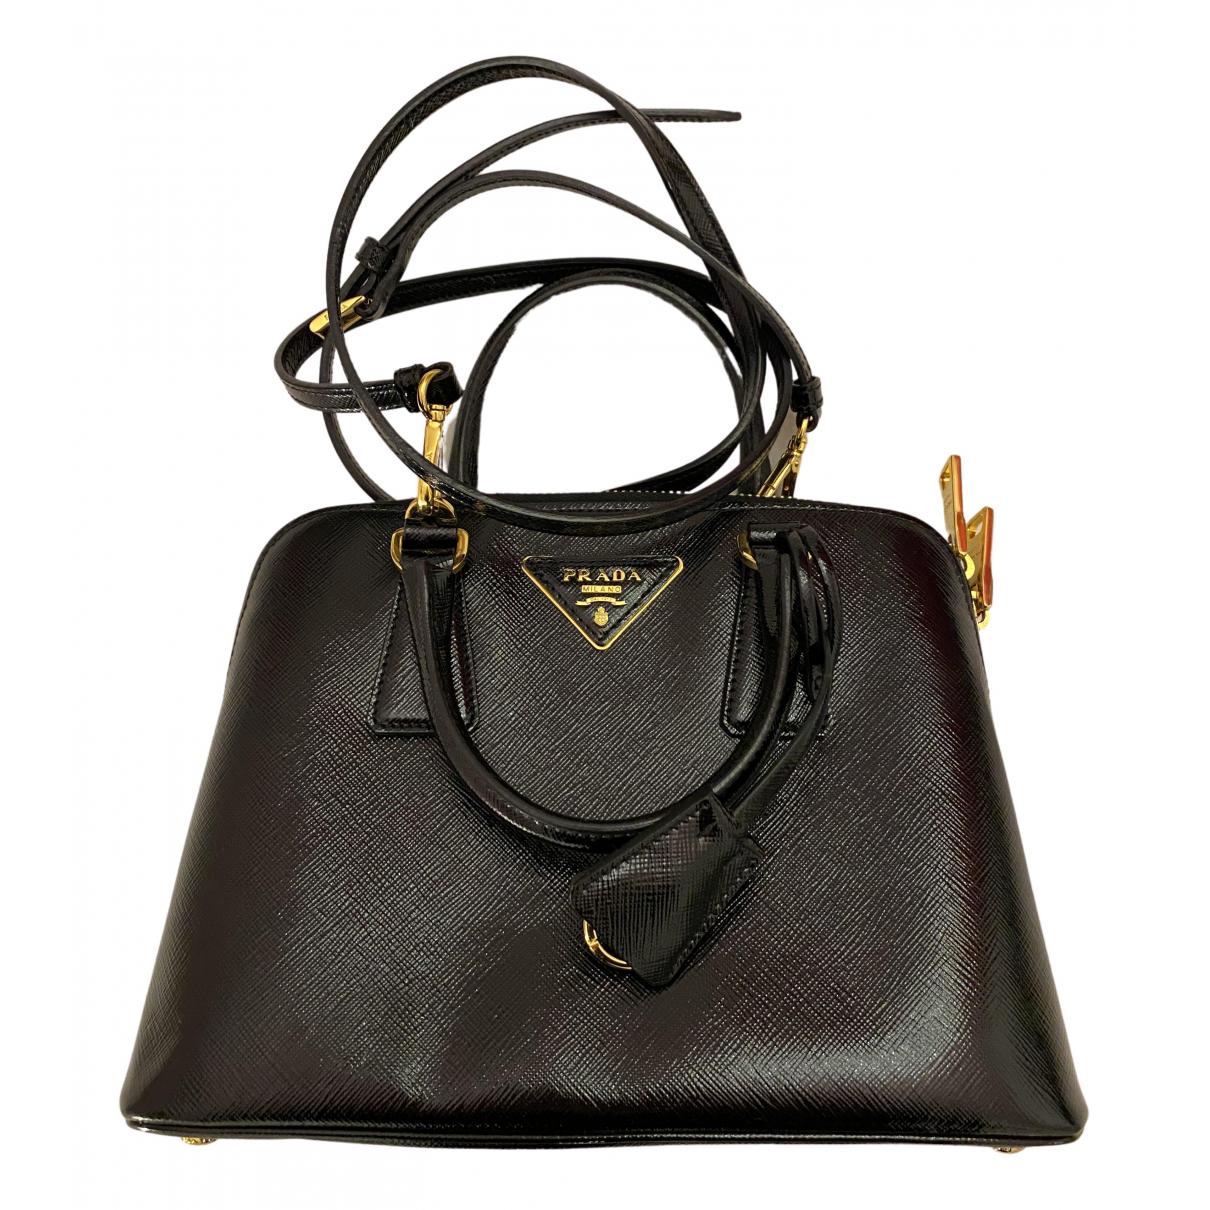 Prada Promenade Black Leather handbag for Women N